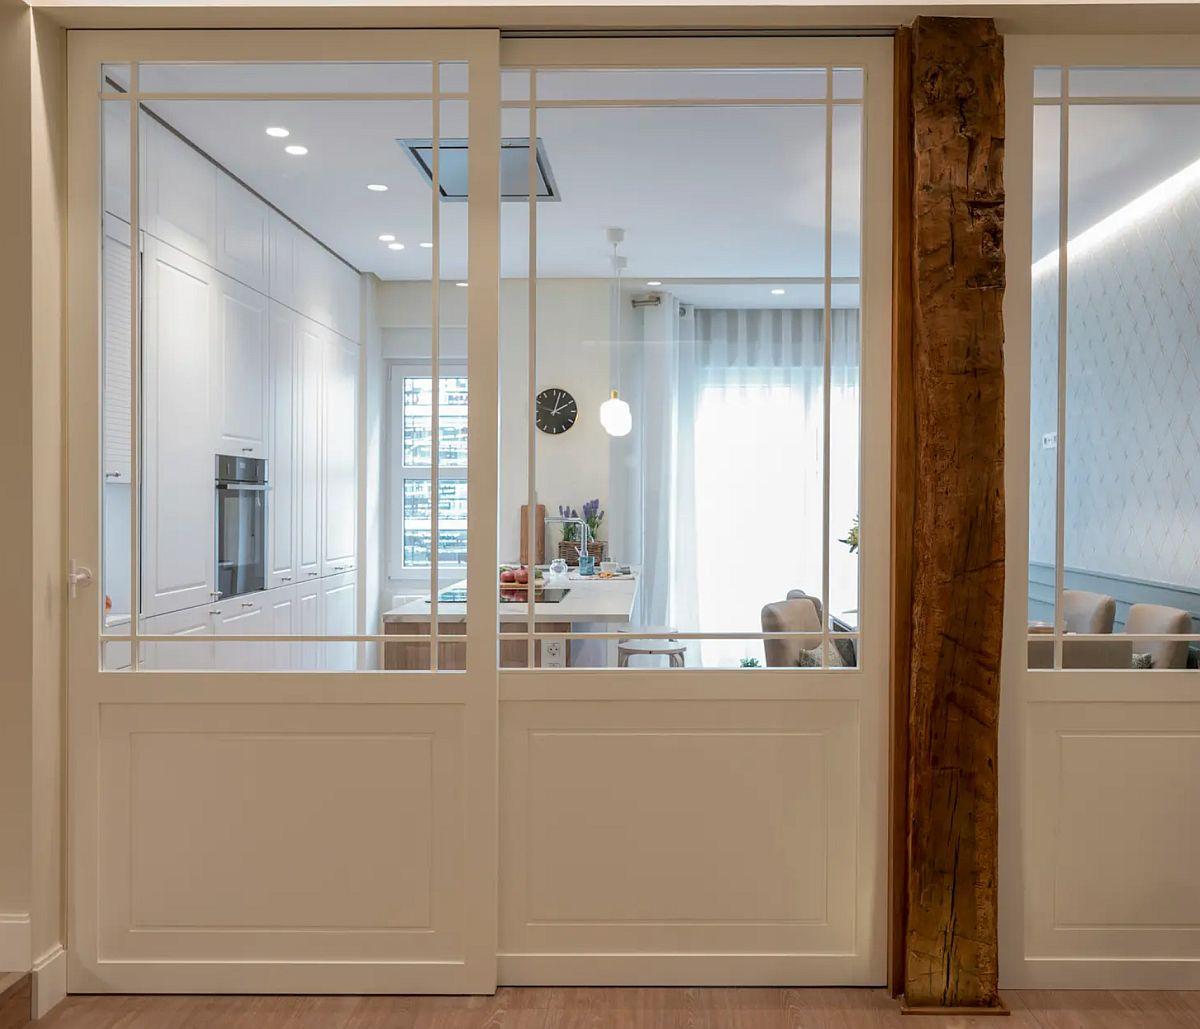 Proprietarii și-au dorit o bucătărie generoasă, dar neapărat separată. Designerii au venit cu ideea unor uși culisante în dreptul bucătăriei și a aunui panou fix în dreptul locului de luat masa (după stâlp).